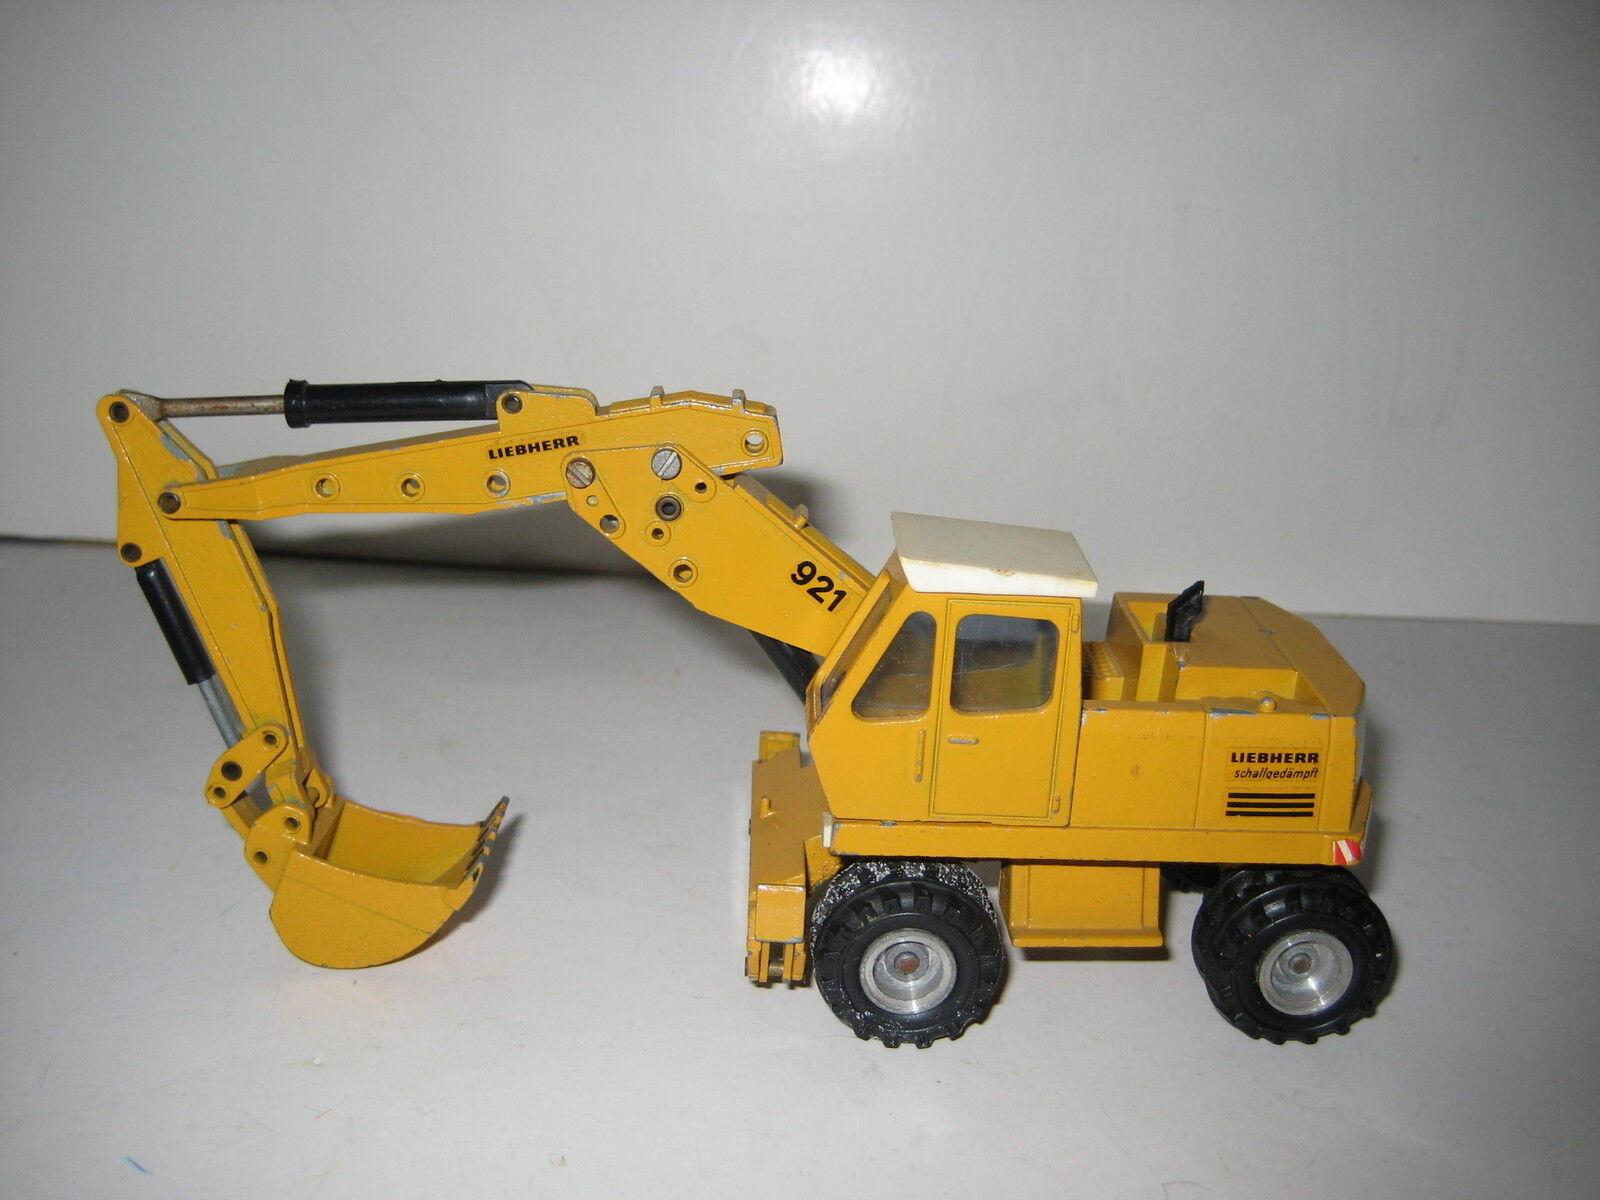 Liebherr a, 921 Excavator Bucket Mobile \352.2 Gescha 1